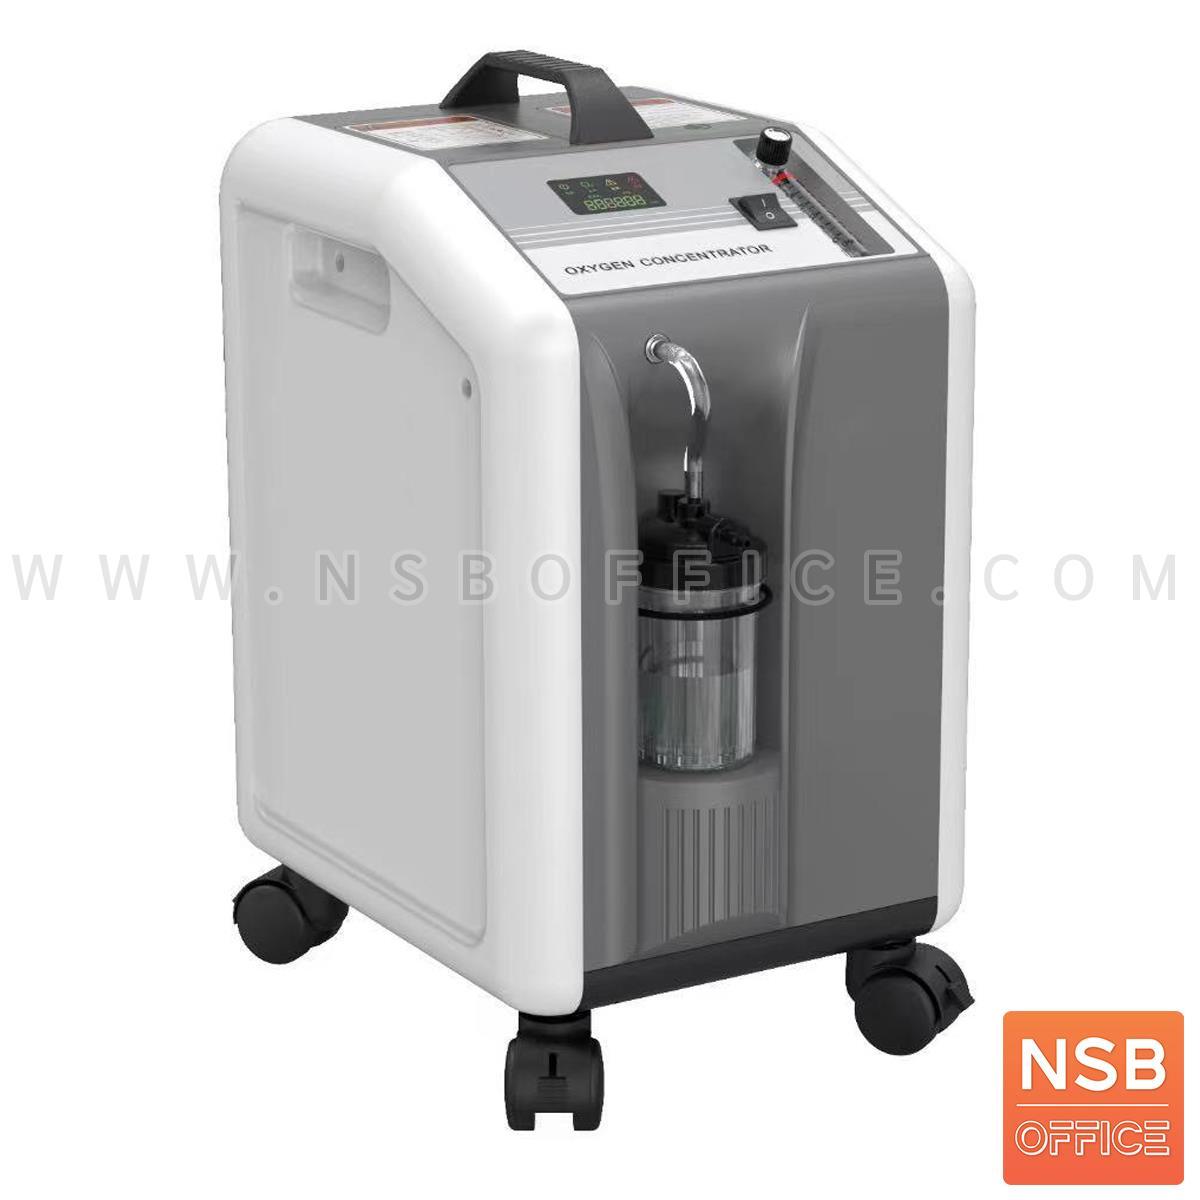 B32A005:เครื่องผลิตออกซิเจน Portable Oxygen Concentrator ขนาด 10 ลิตร ล้อเลื่อน